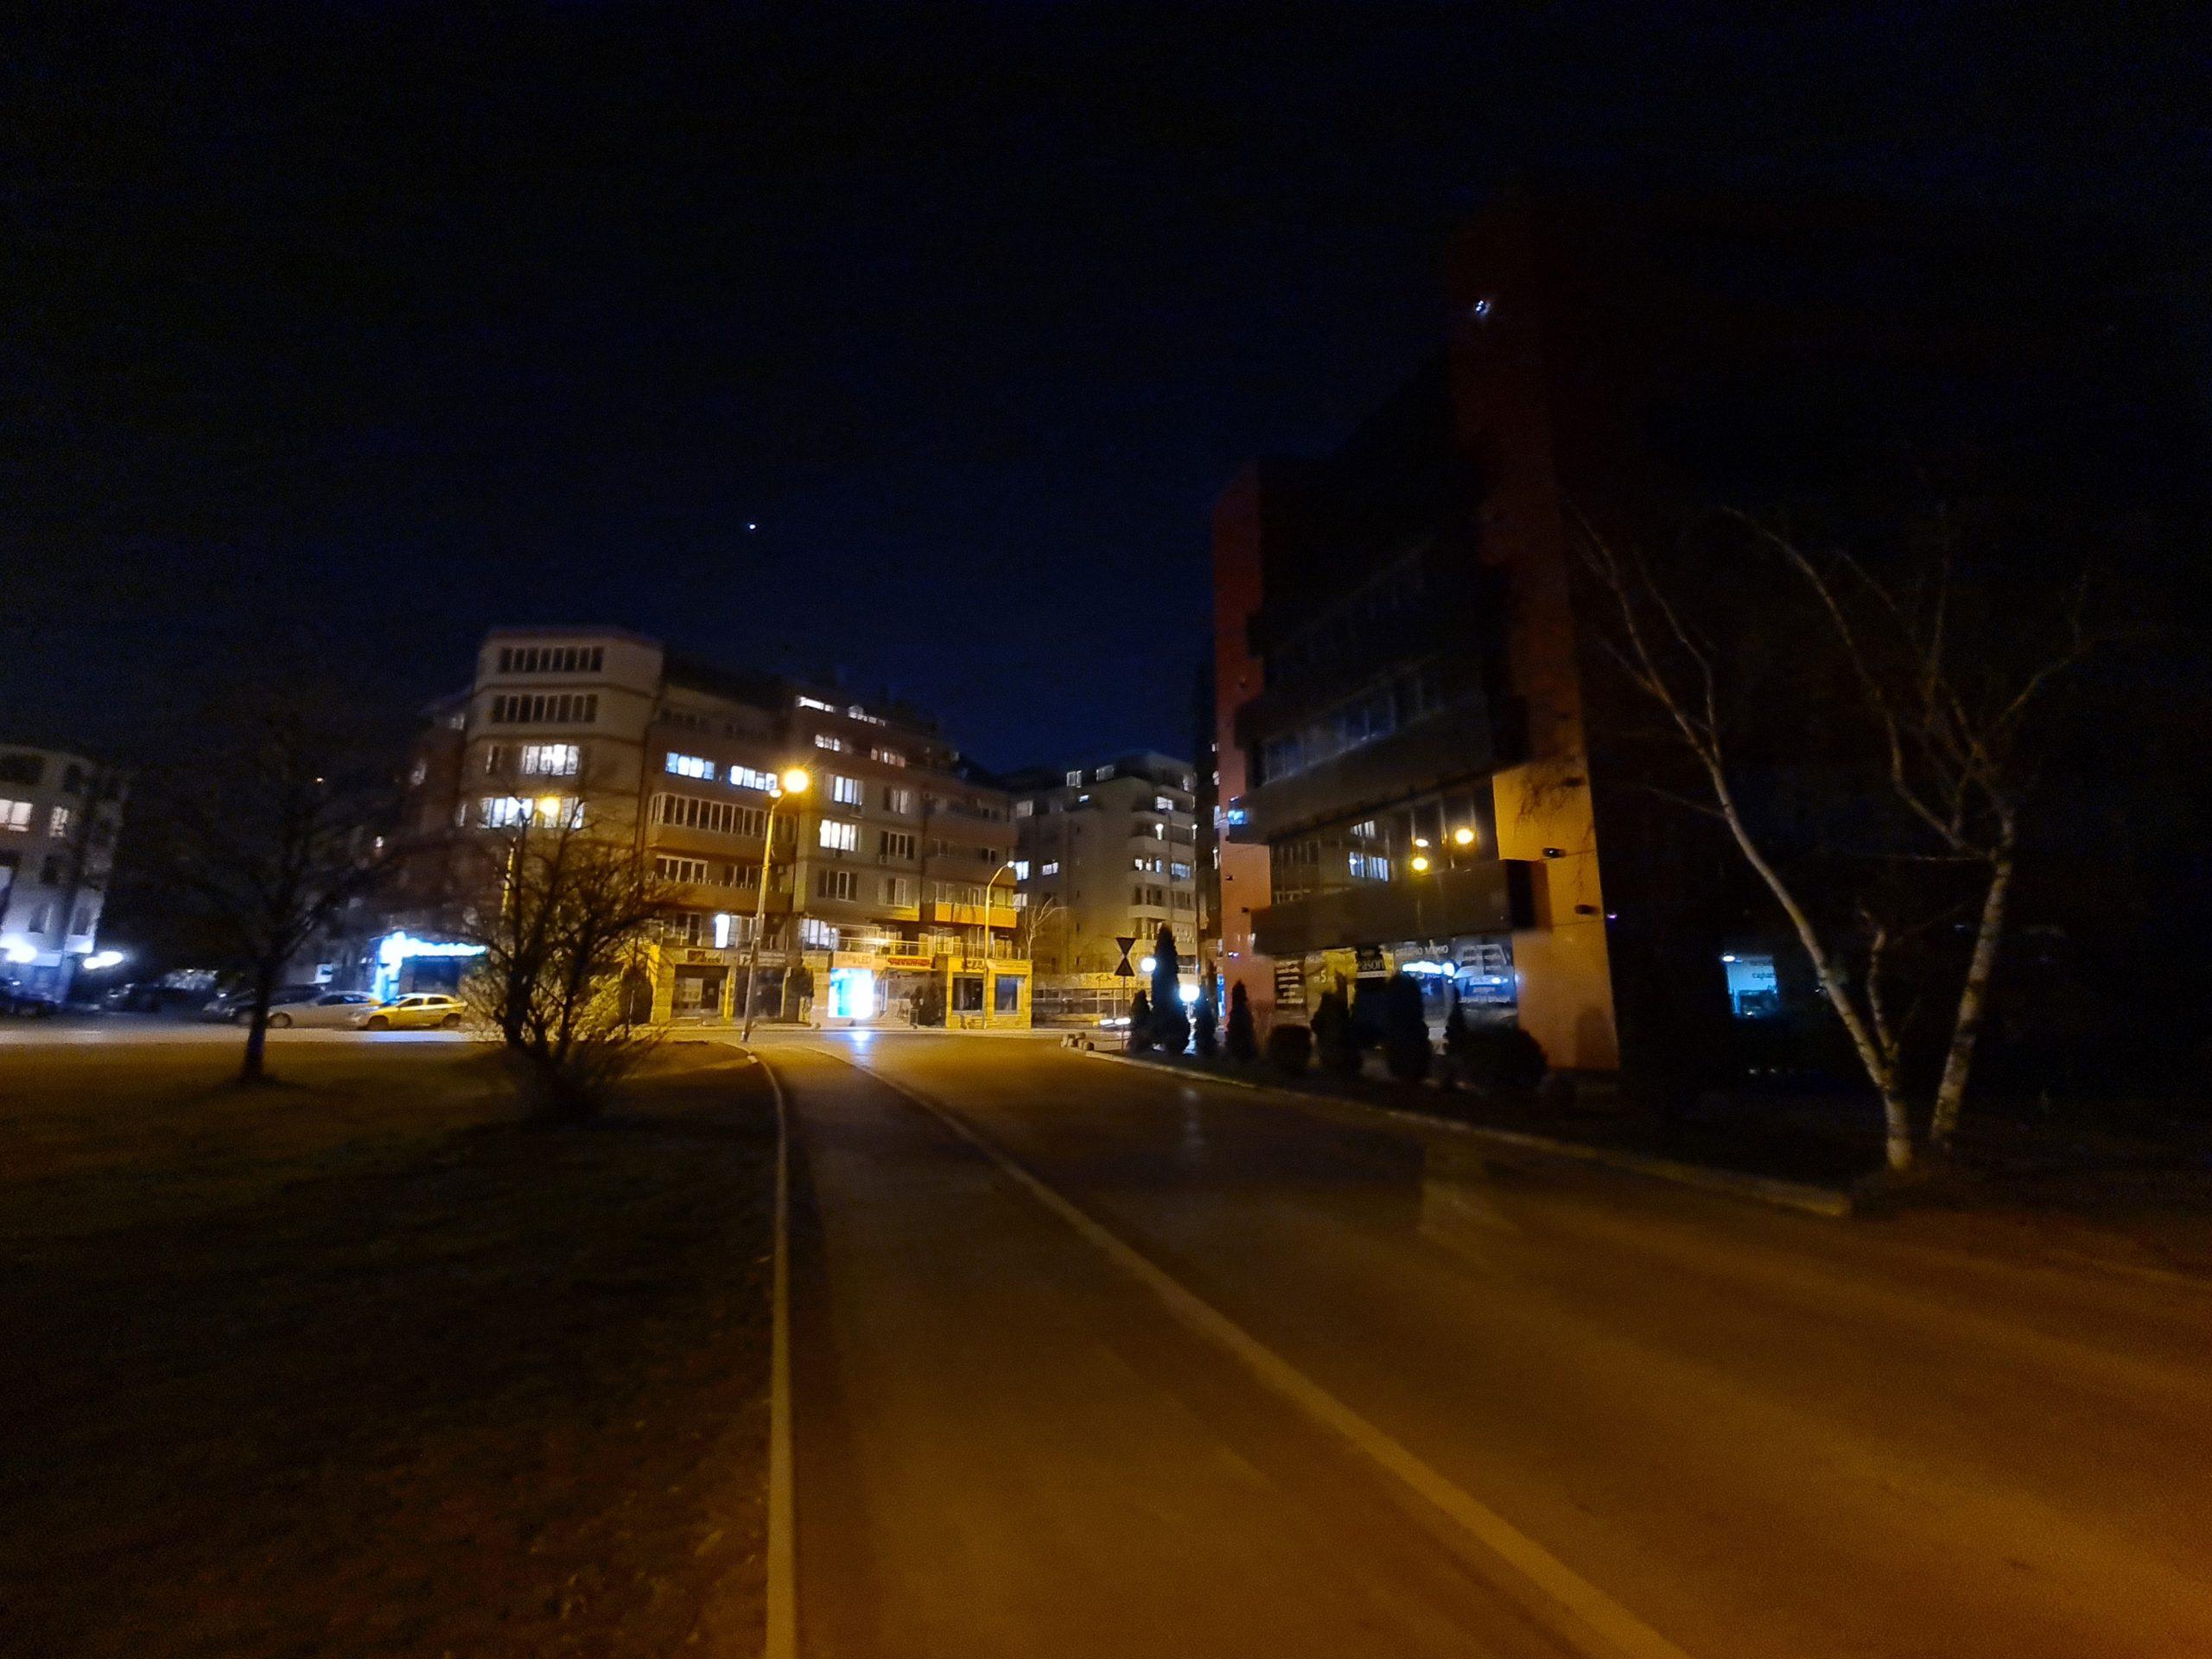 دوربین اصلی در شب با night mode 1 4 scaled